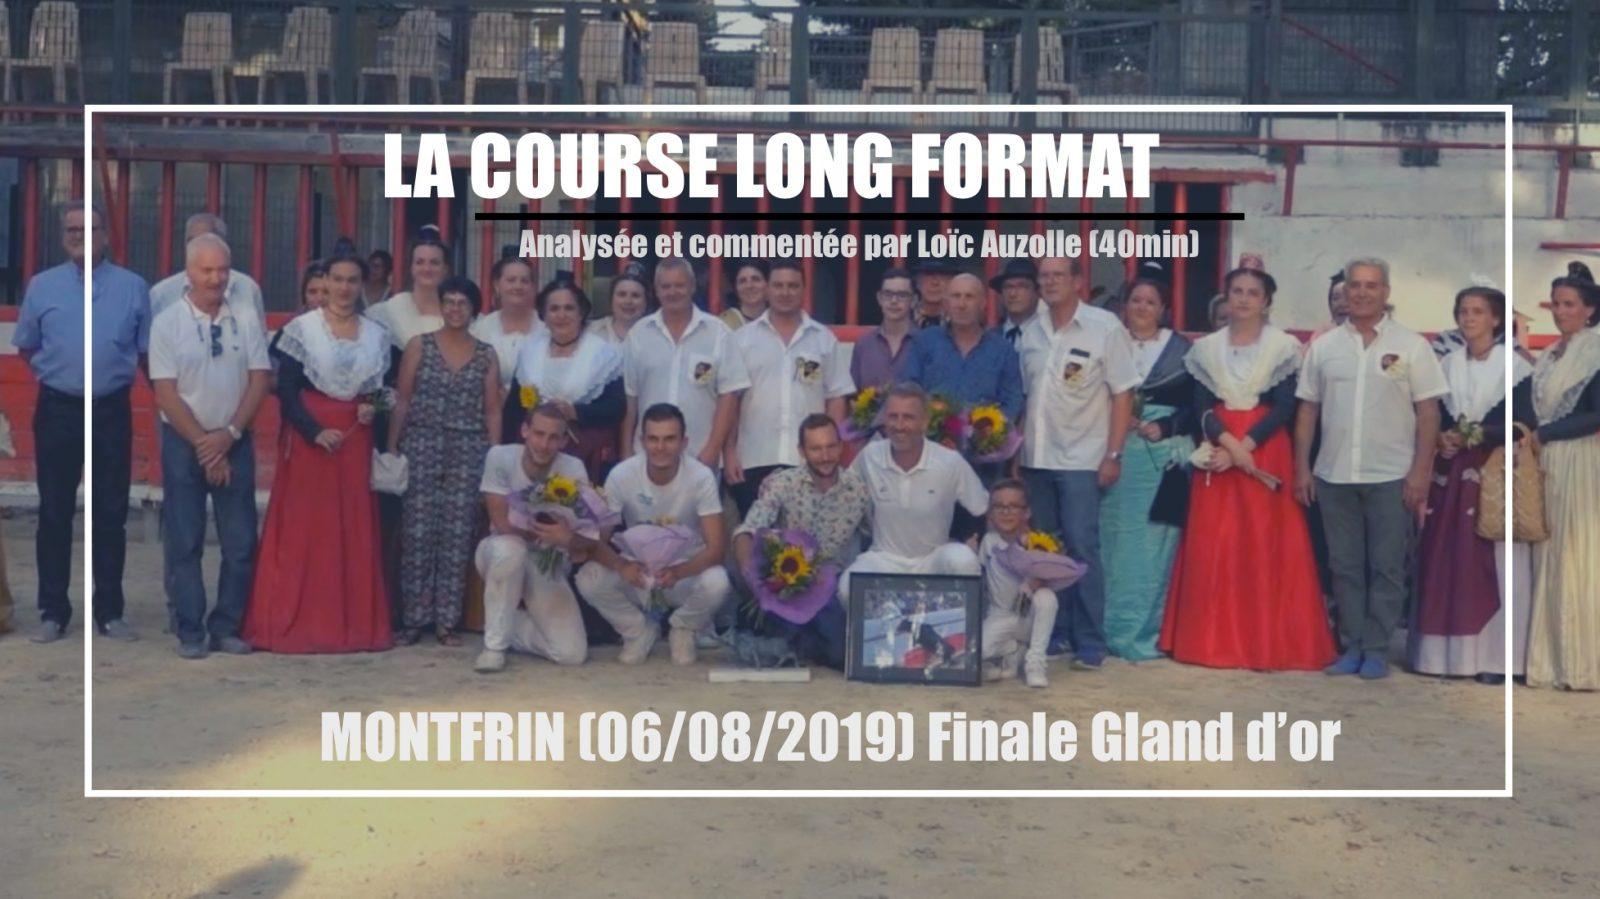 LA COURSE LONG FORMAT (Analysée et Commentée) – MONTFRIN (06/08/2019) – Finale Gland d'or 2019